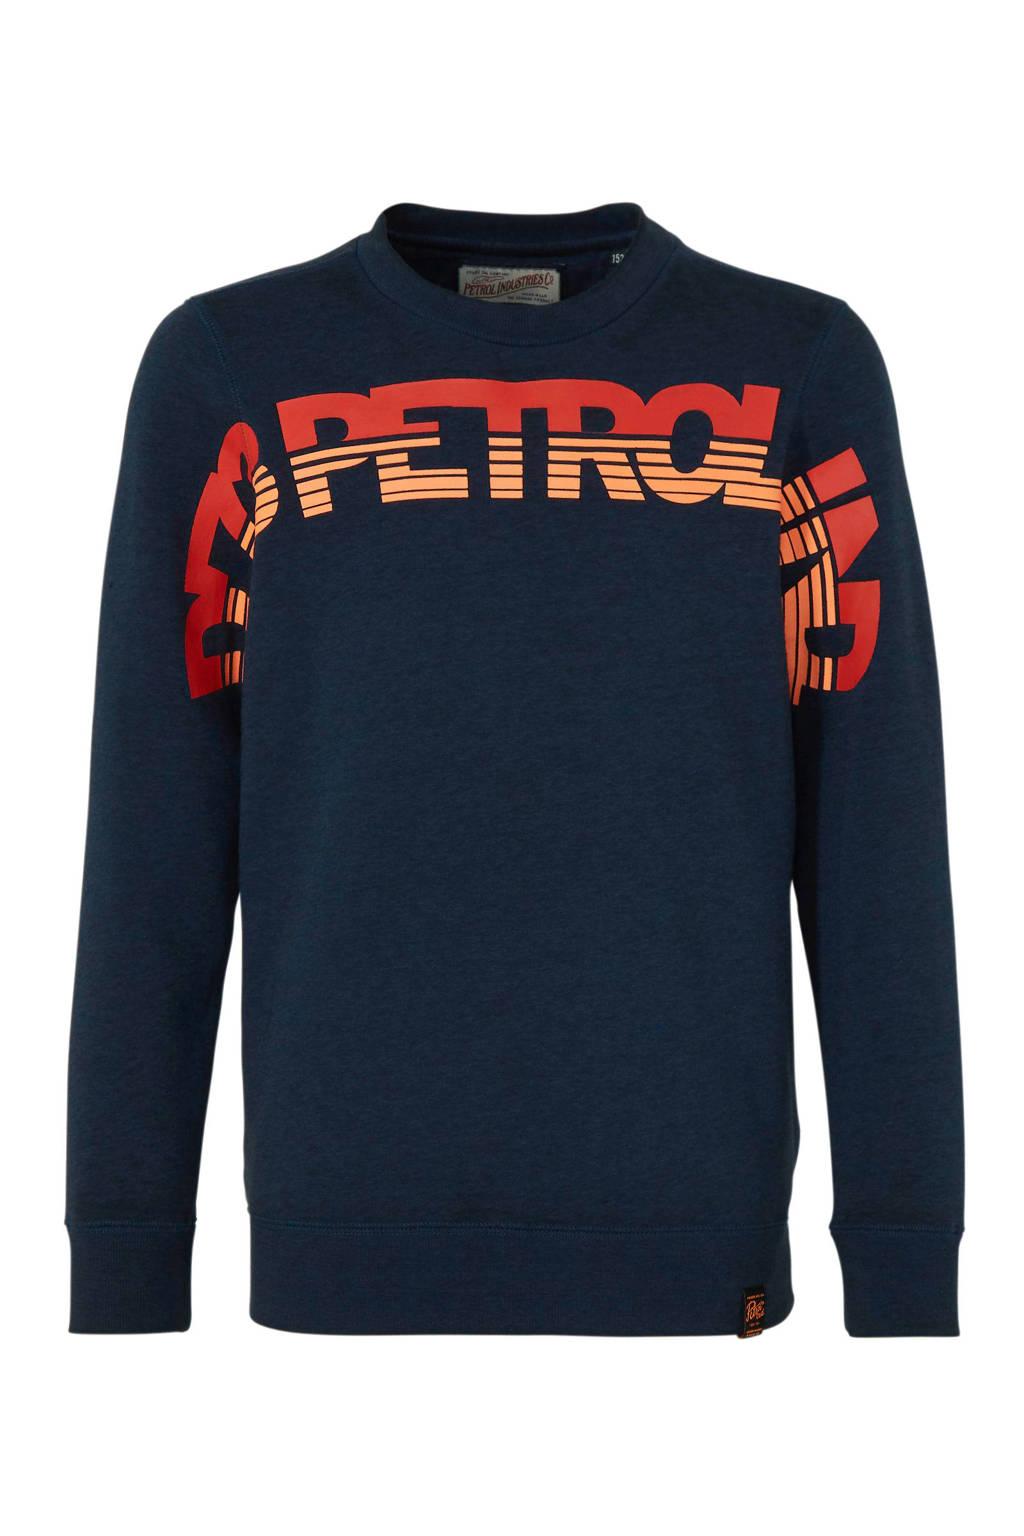 Petrol Industries sweater met tekst donkerblauw, Donkerblauw